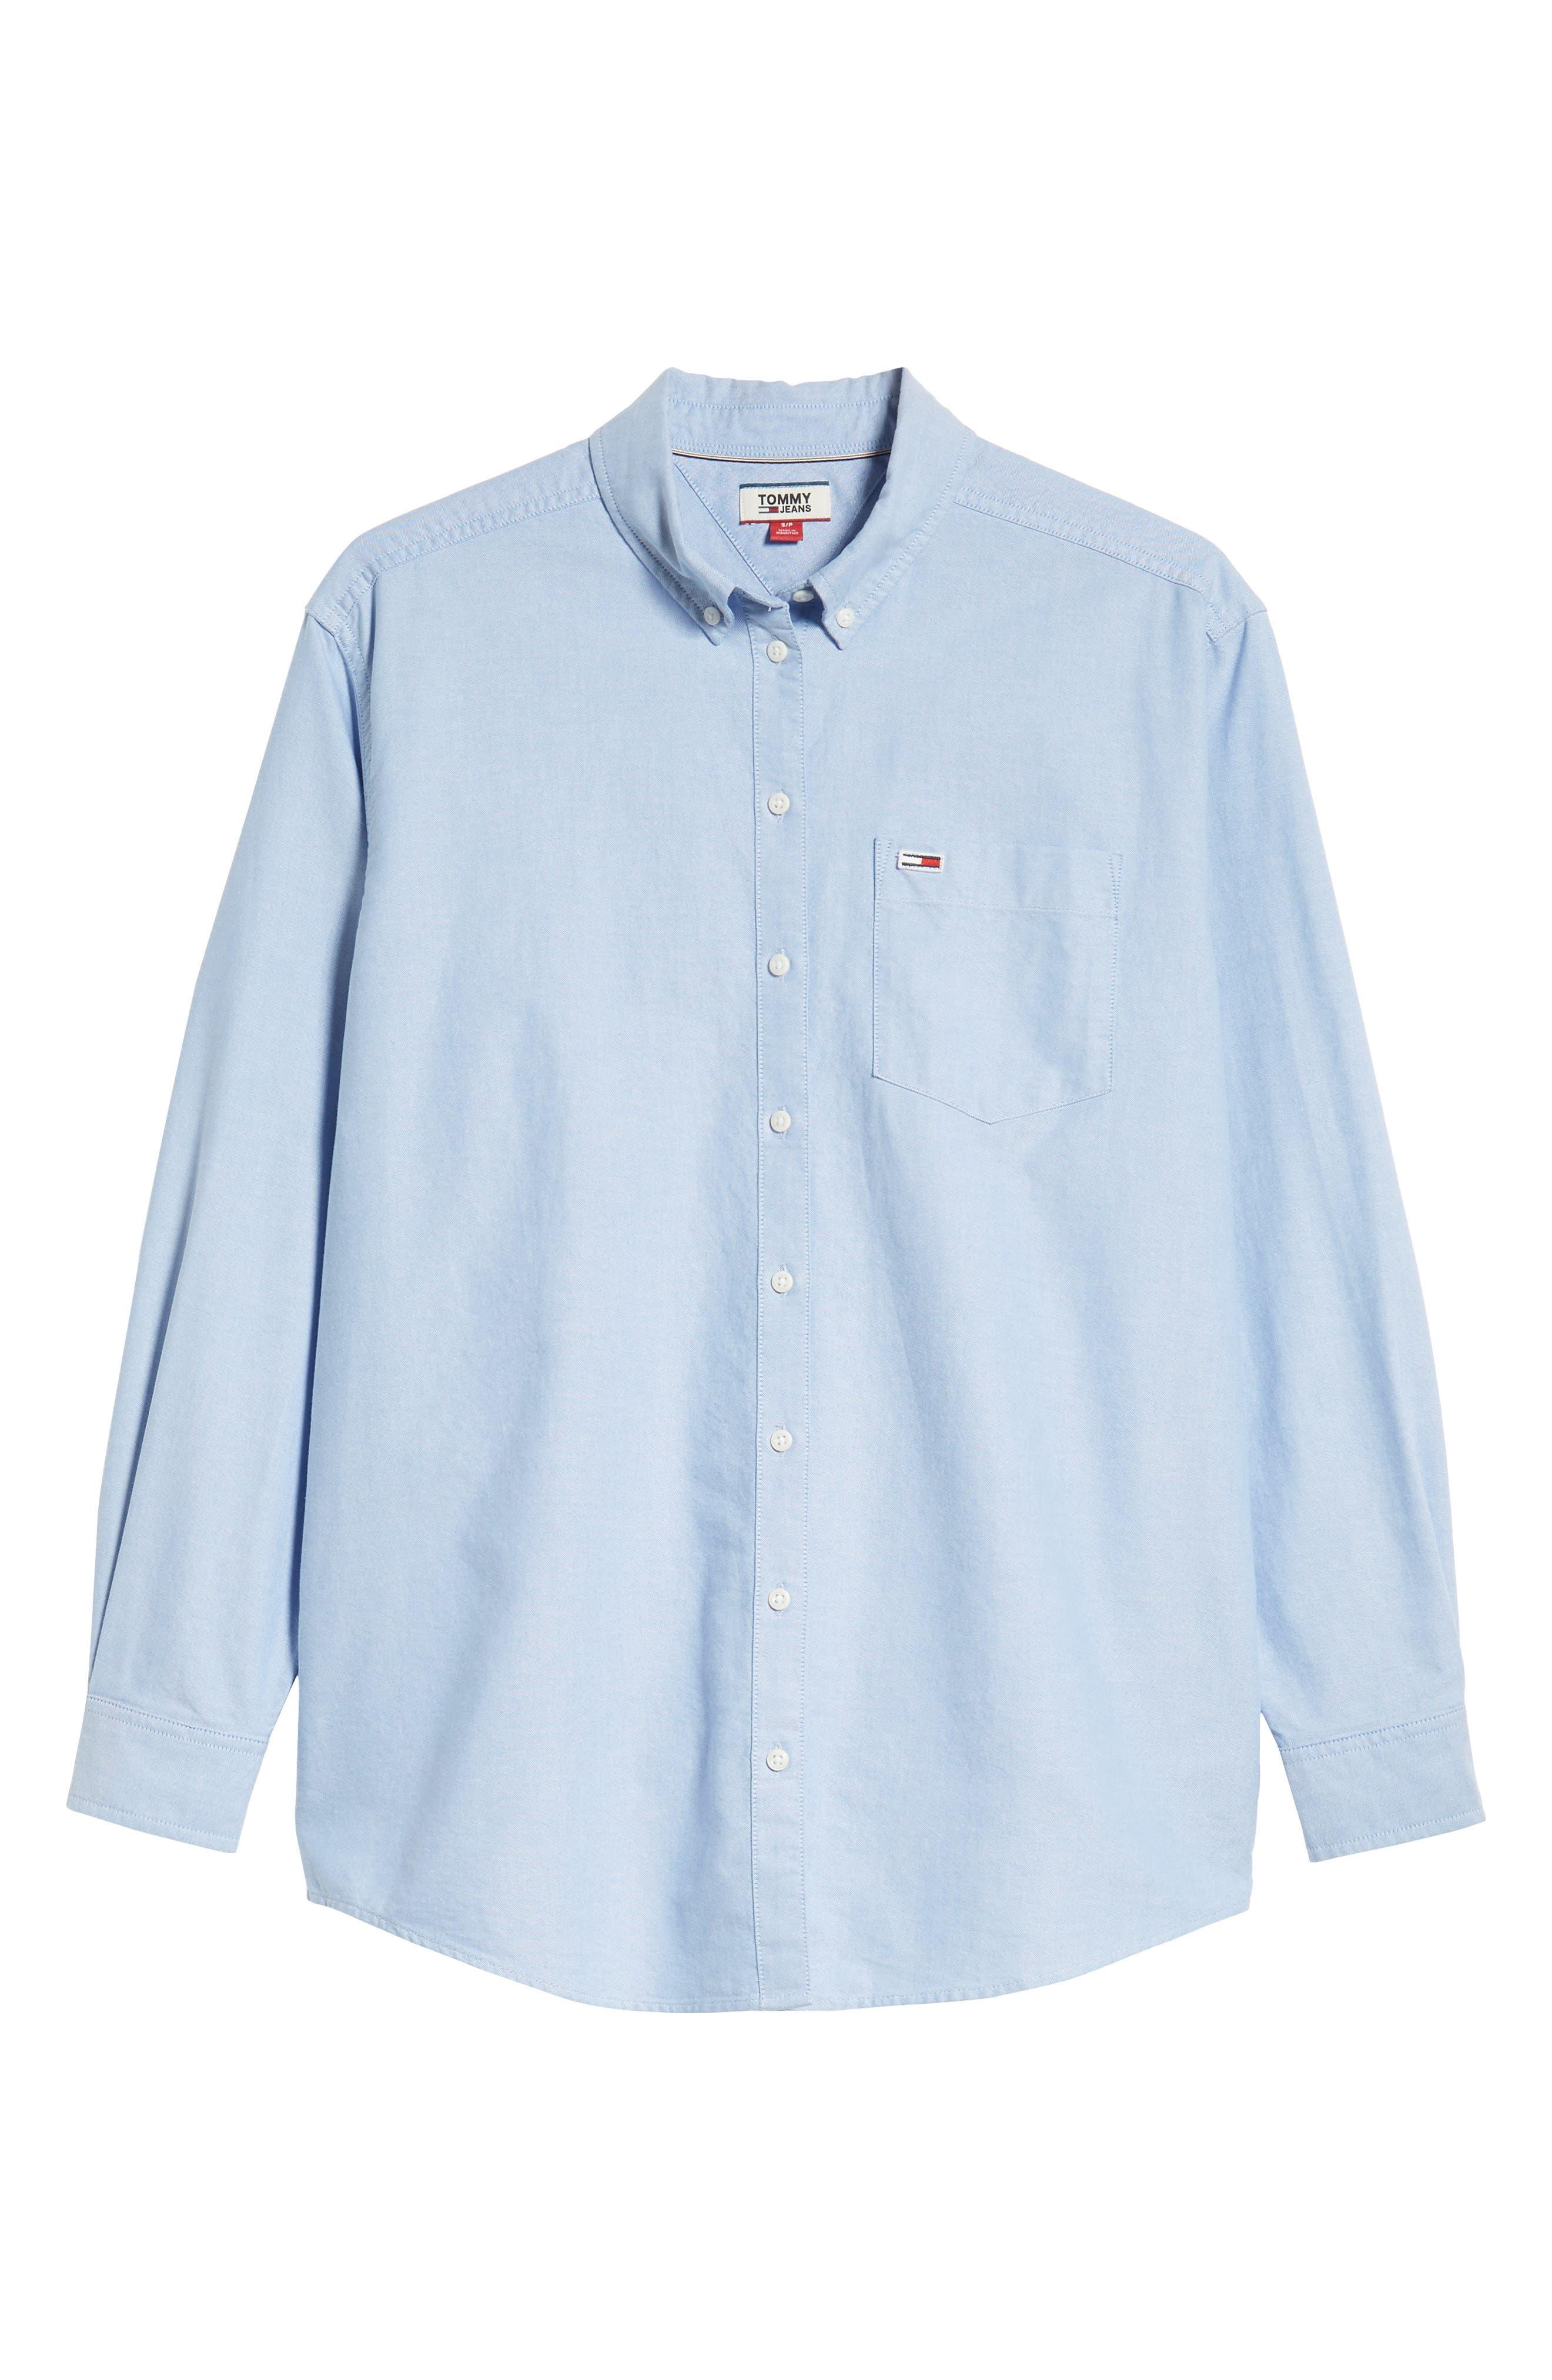 Classics Shirt,                             Alternate thumbnail 6, color,                             LIGHT BLUE